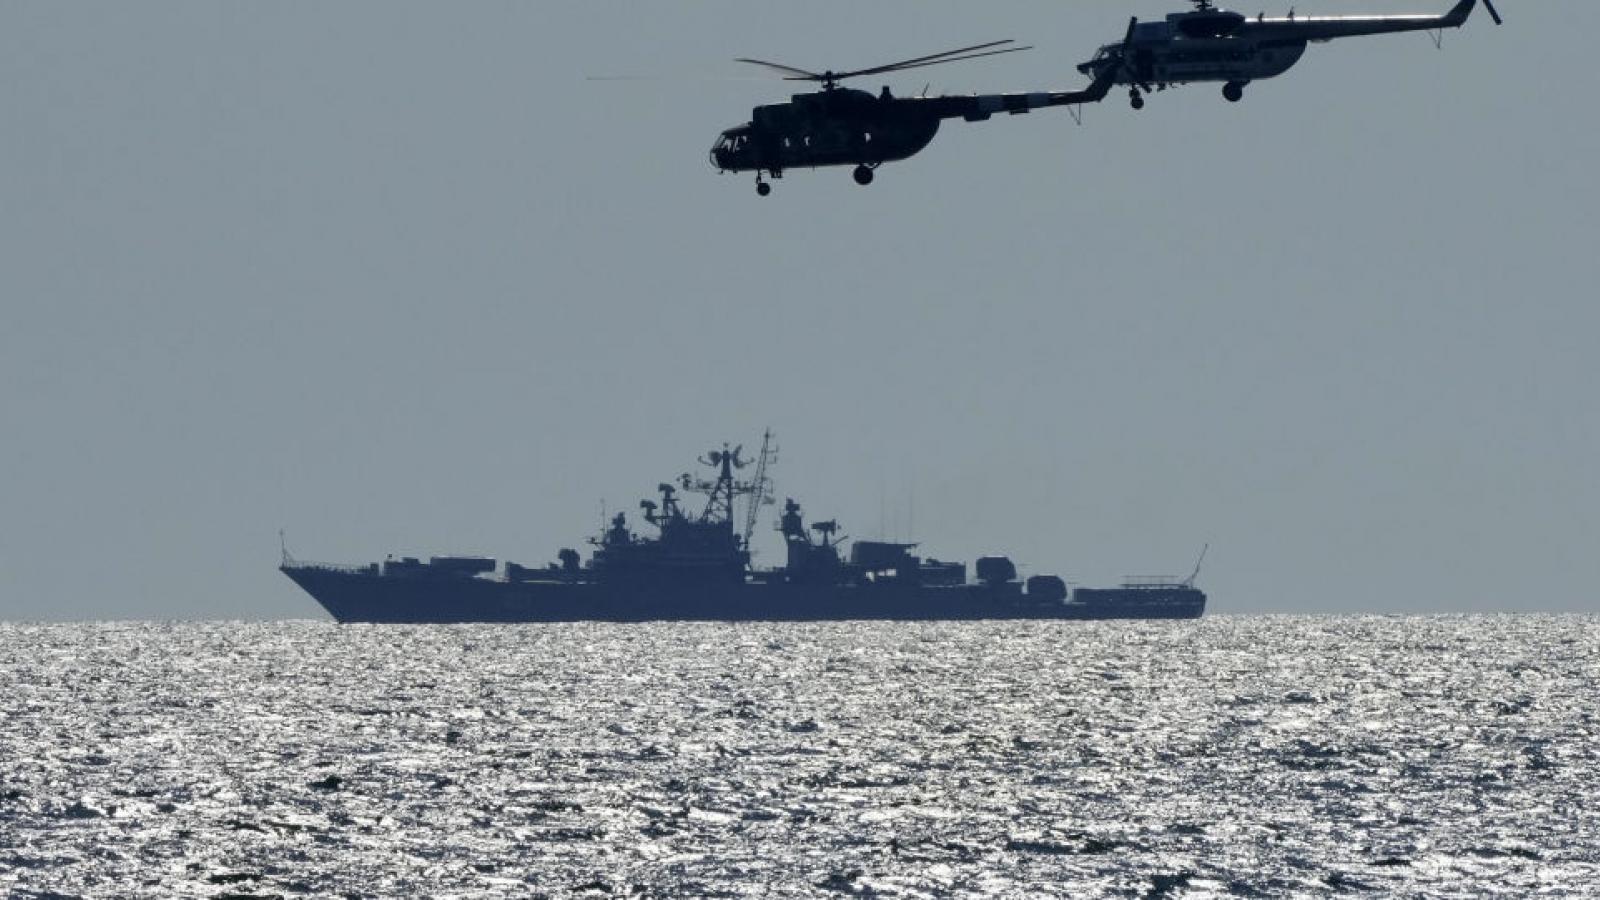 Nga: Nỗ lực của phương Tây nhằm thách thức Nga ở Biển Đen sẽ thất bại